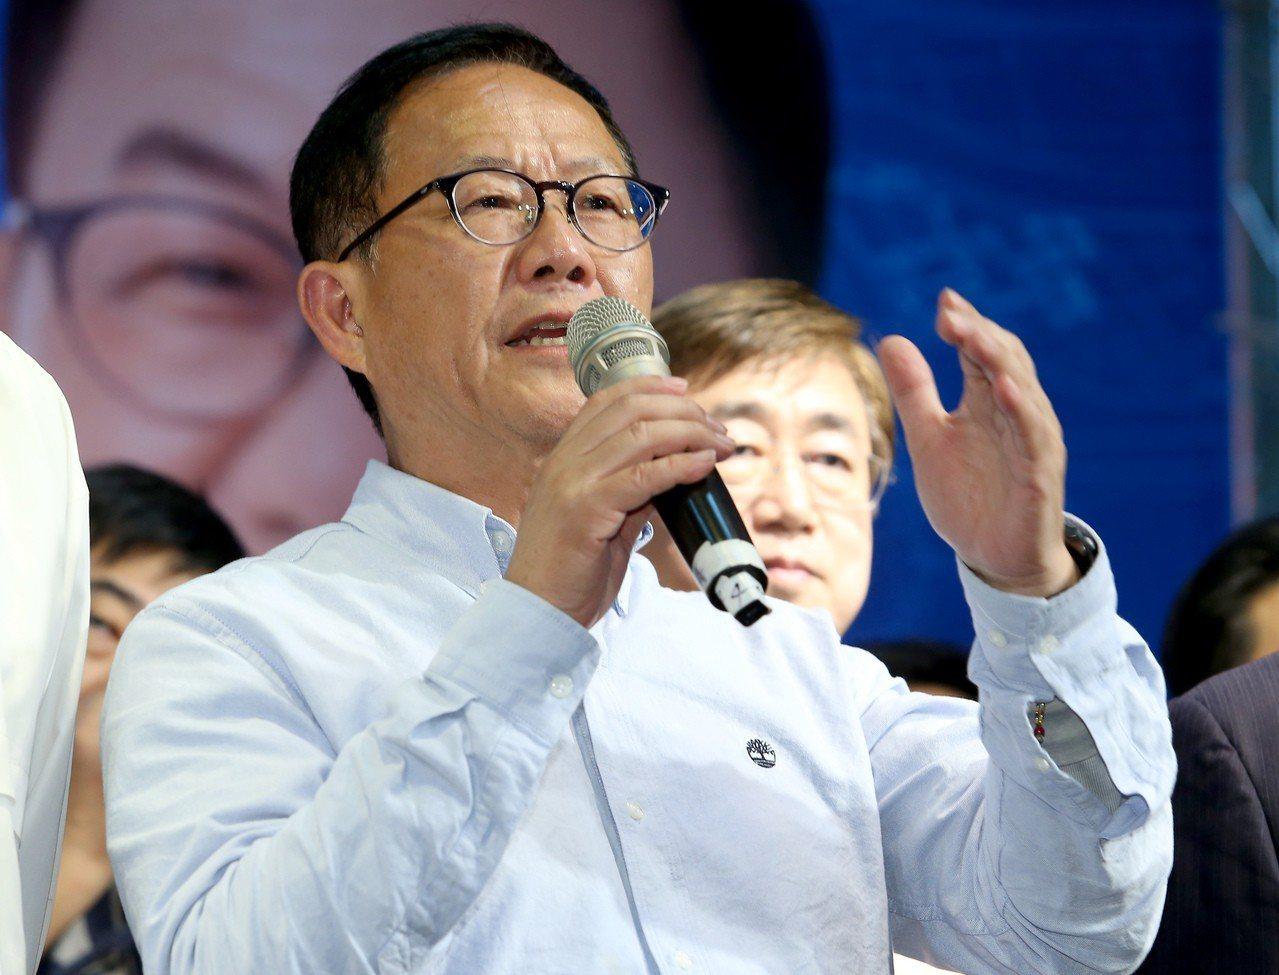 國民黨台北市長候選人丁守中以些微票數之差落選,他痛批這場選舉從投票到開票,充滿著...